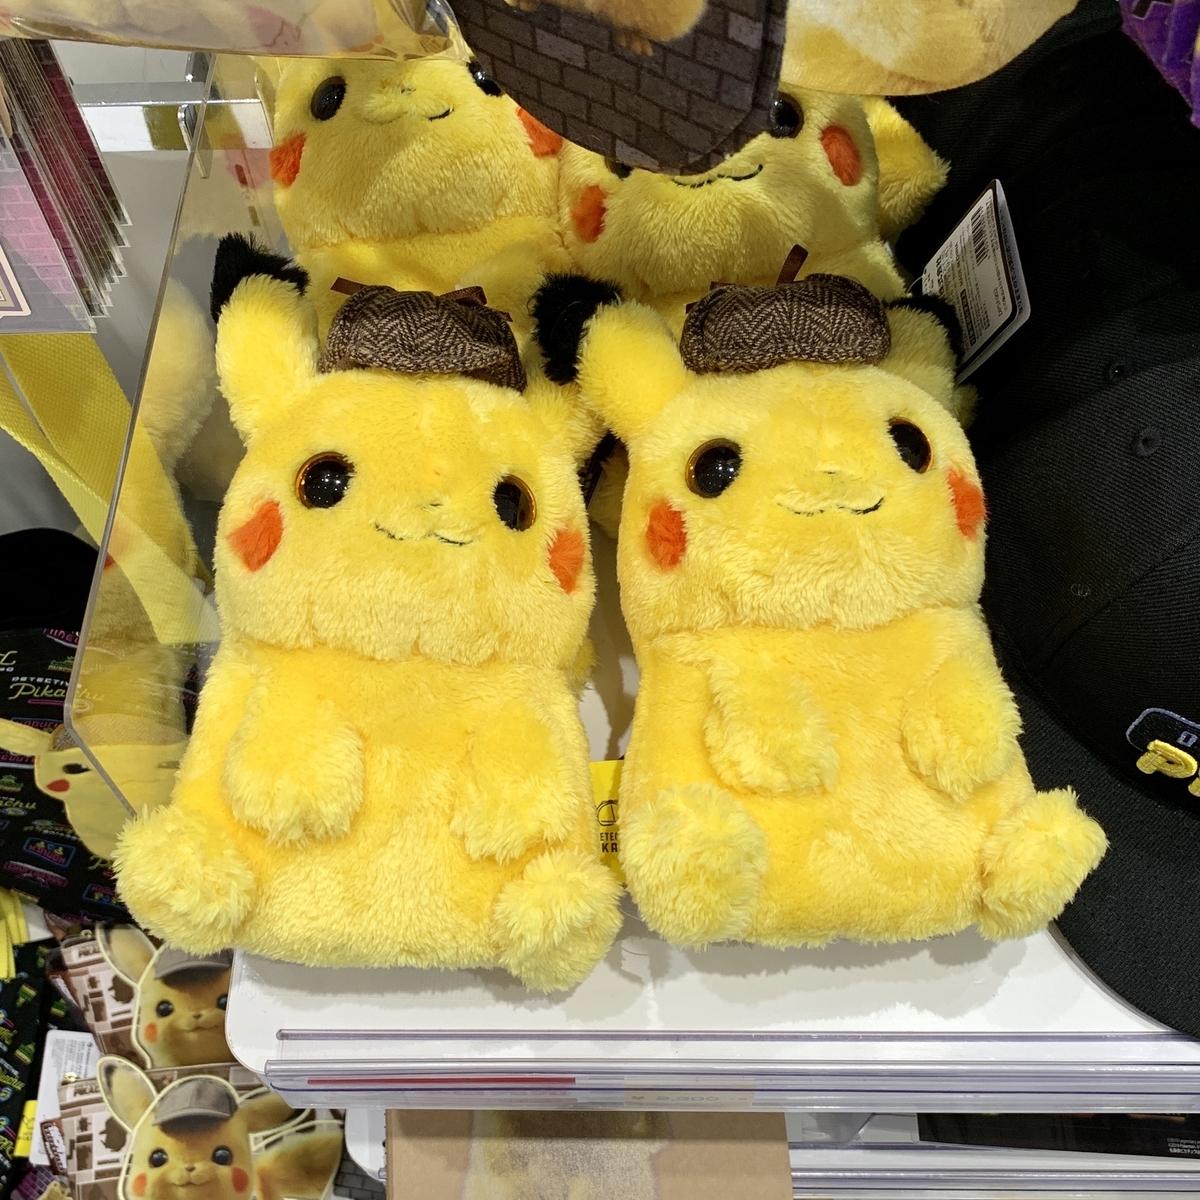 f:id:pikachu_pcn:20190518211956j:plain